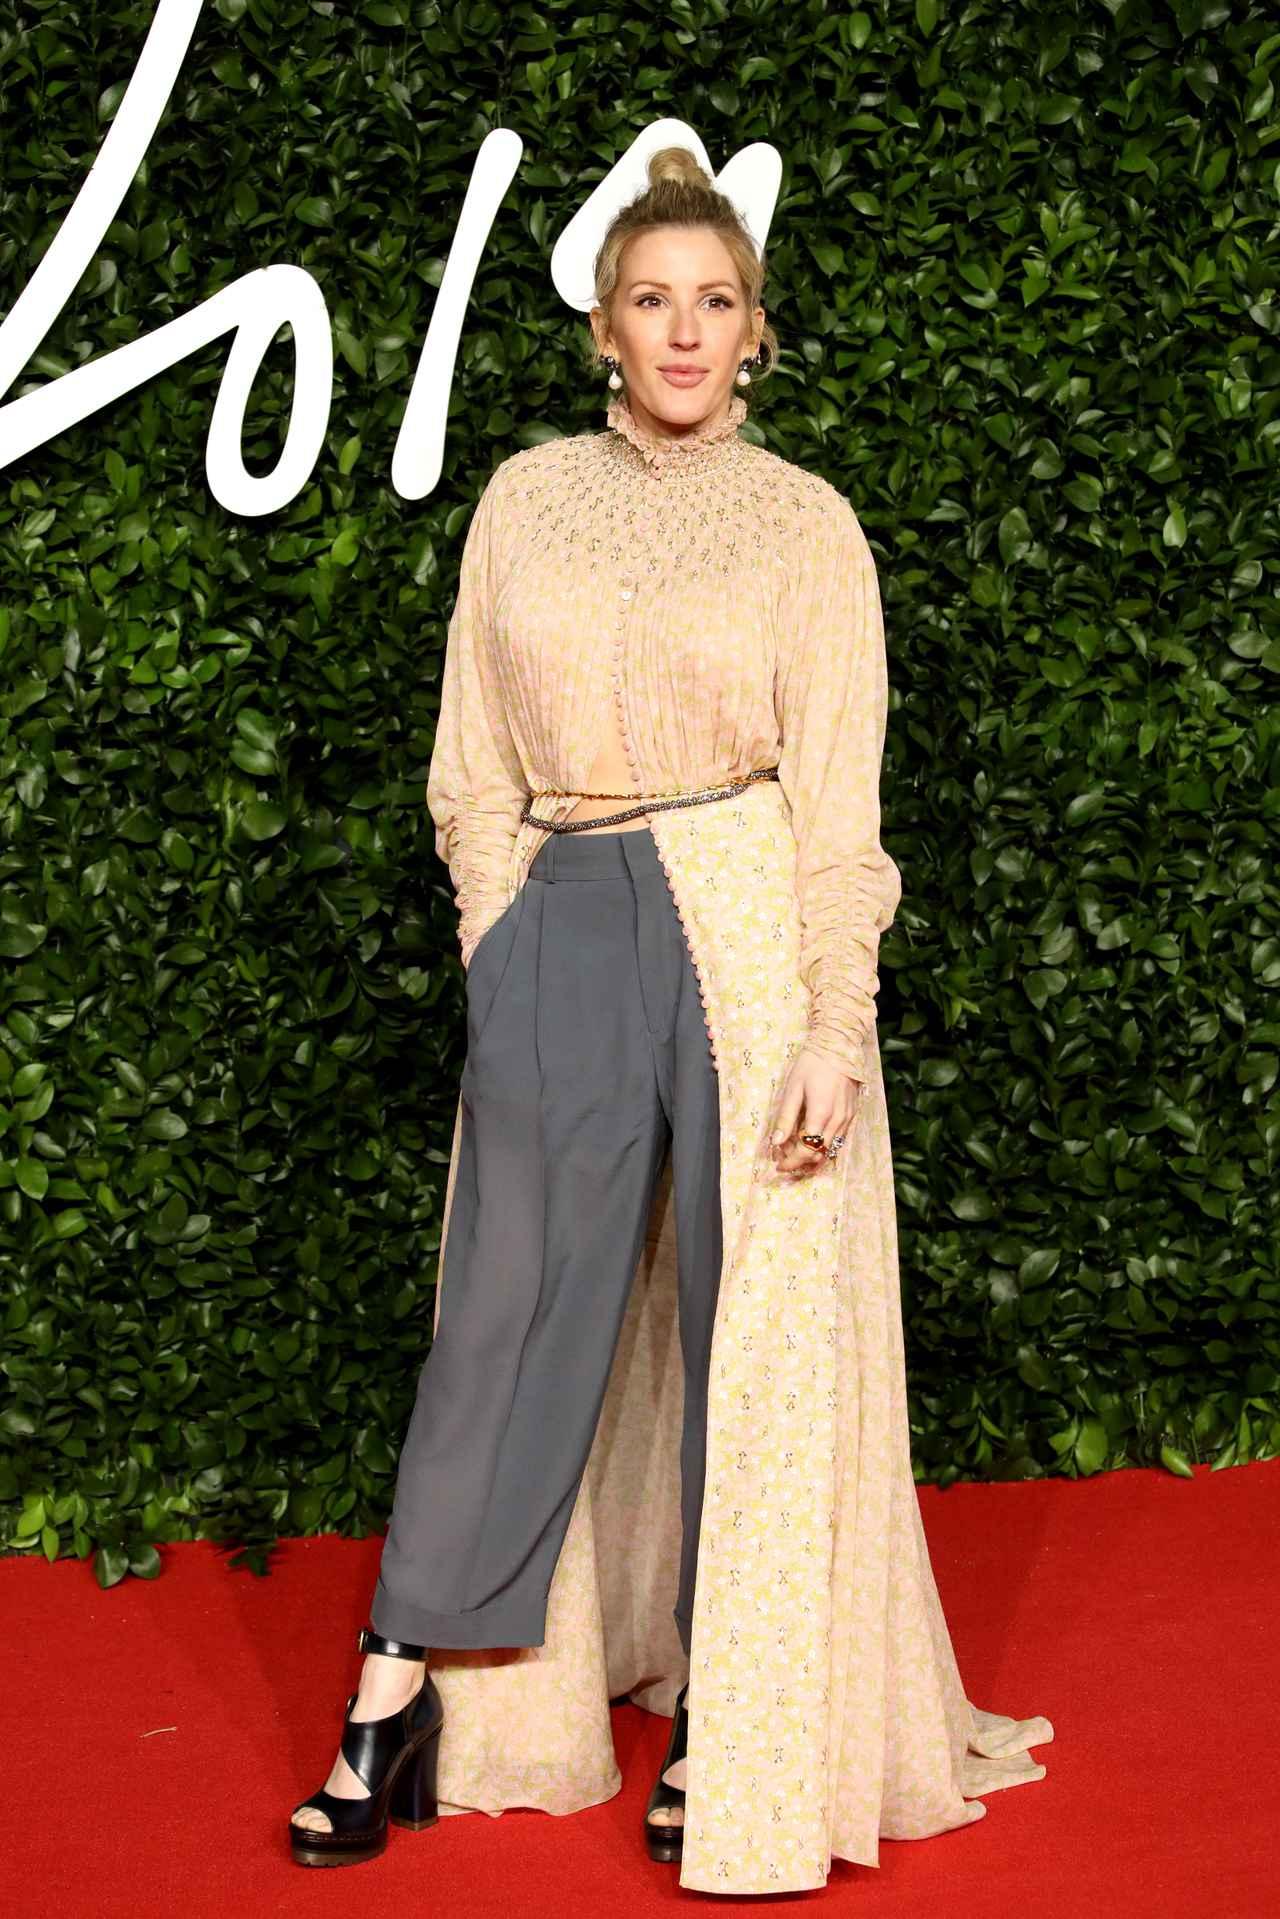 Images : 16番目の画像 - ザ・ファッション・アワード2019、豪華セレブが着用したドレスを大公開 - フロントロウ -海外セレブ情報を発信